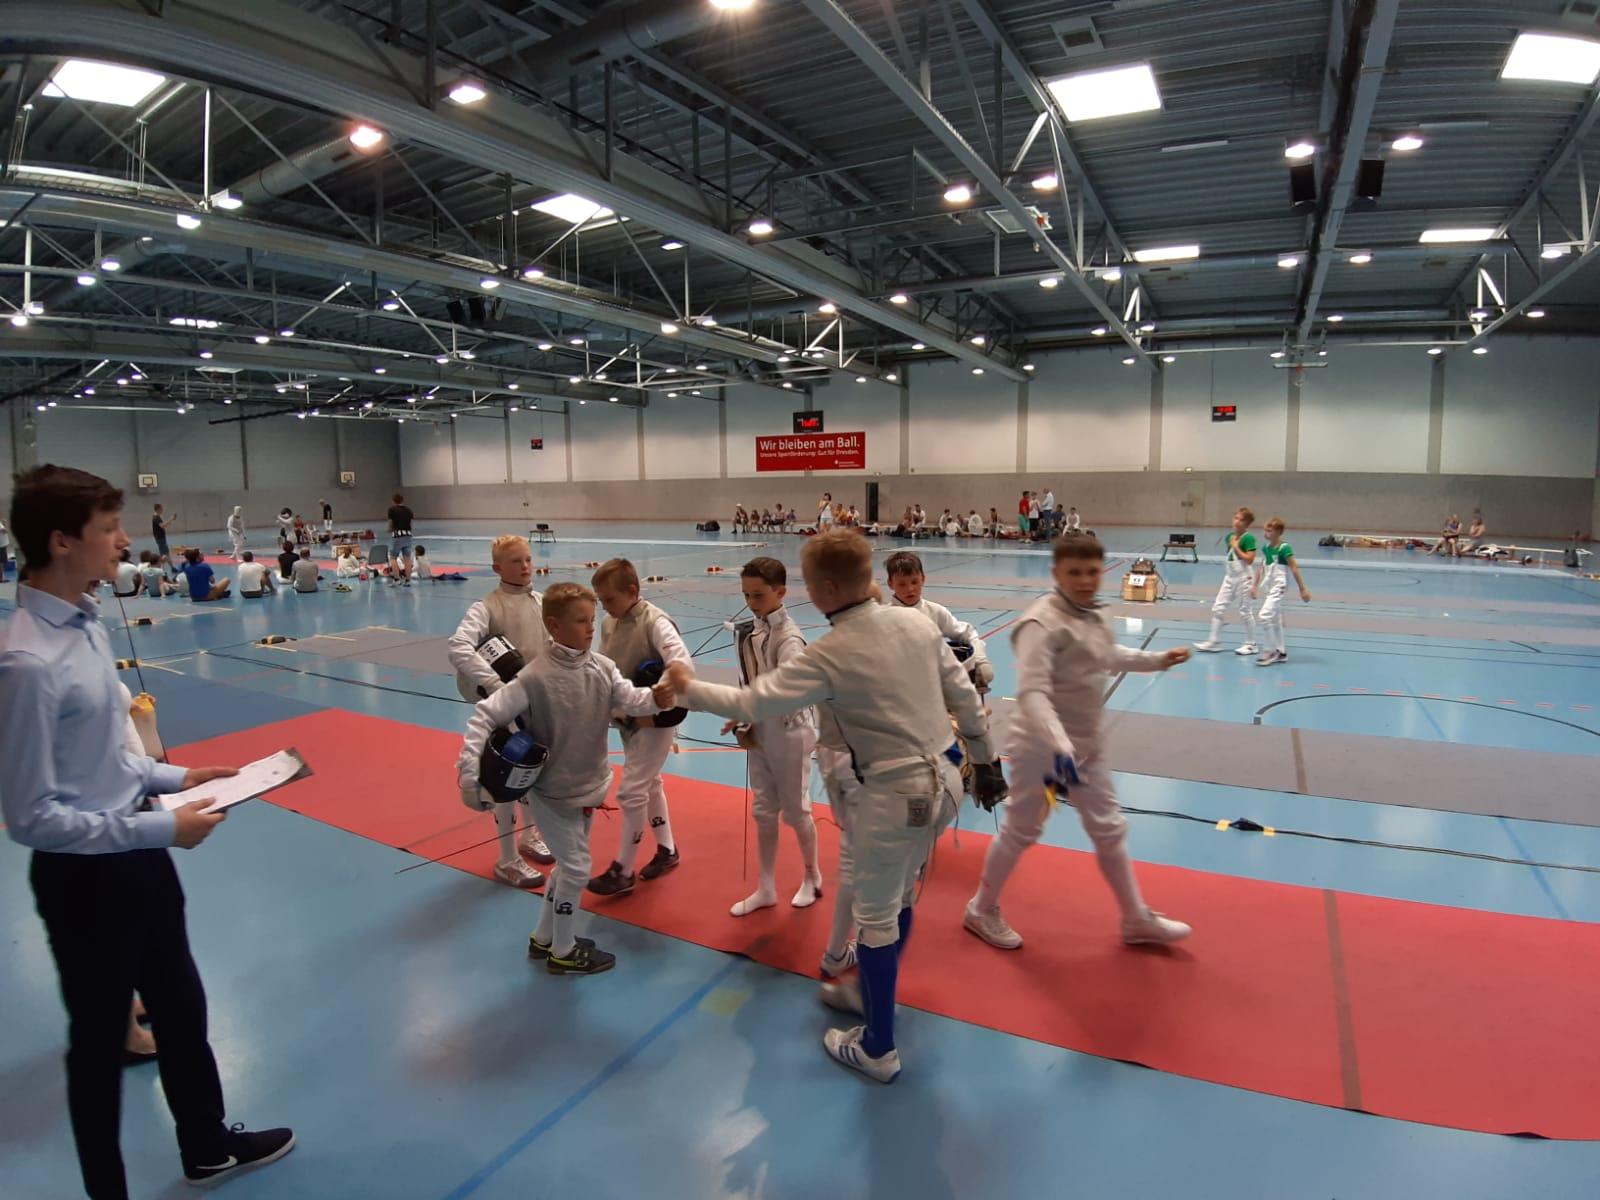 Landesjugendspiele_Landesmeisterschaften_Schler_Florett2019_03.jpg